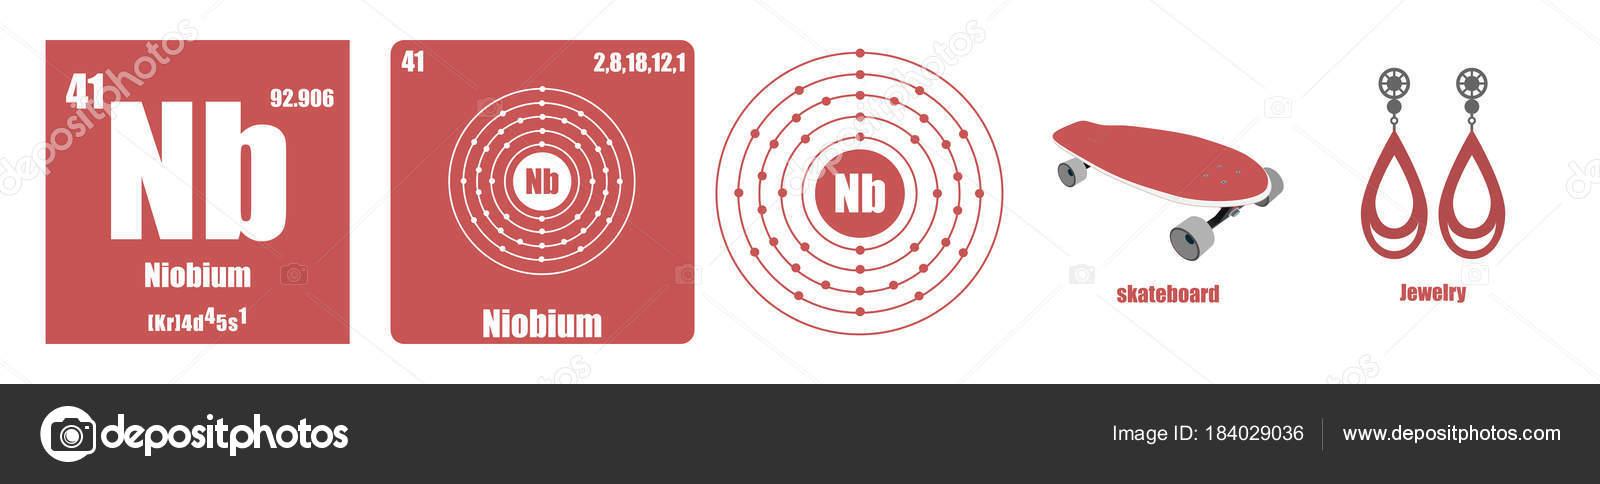 Tabla periodica de los elemento de transicin metales niobio tabla periodica de los elemento de transicin metales niobio archivo imgenes vectoriales urtaz Choice Image